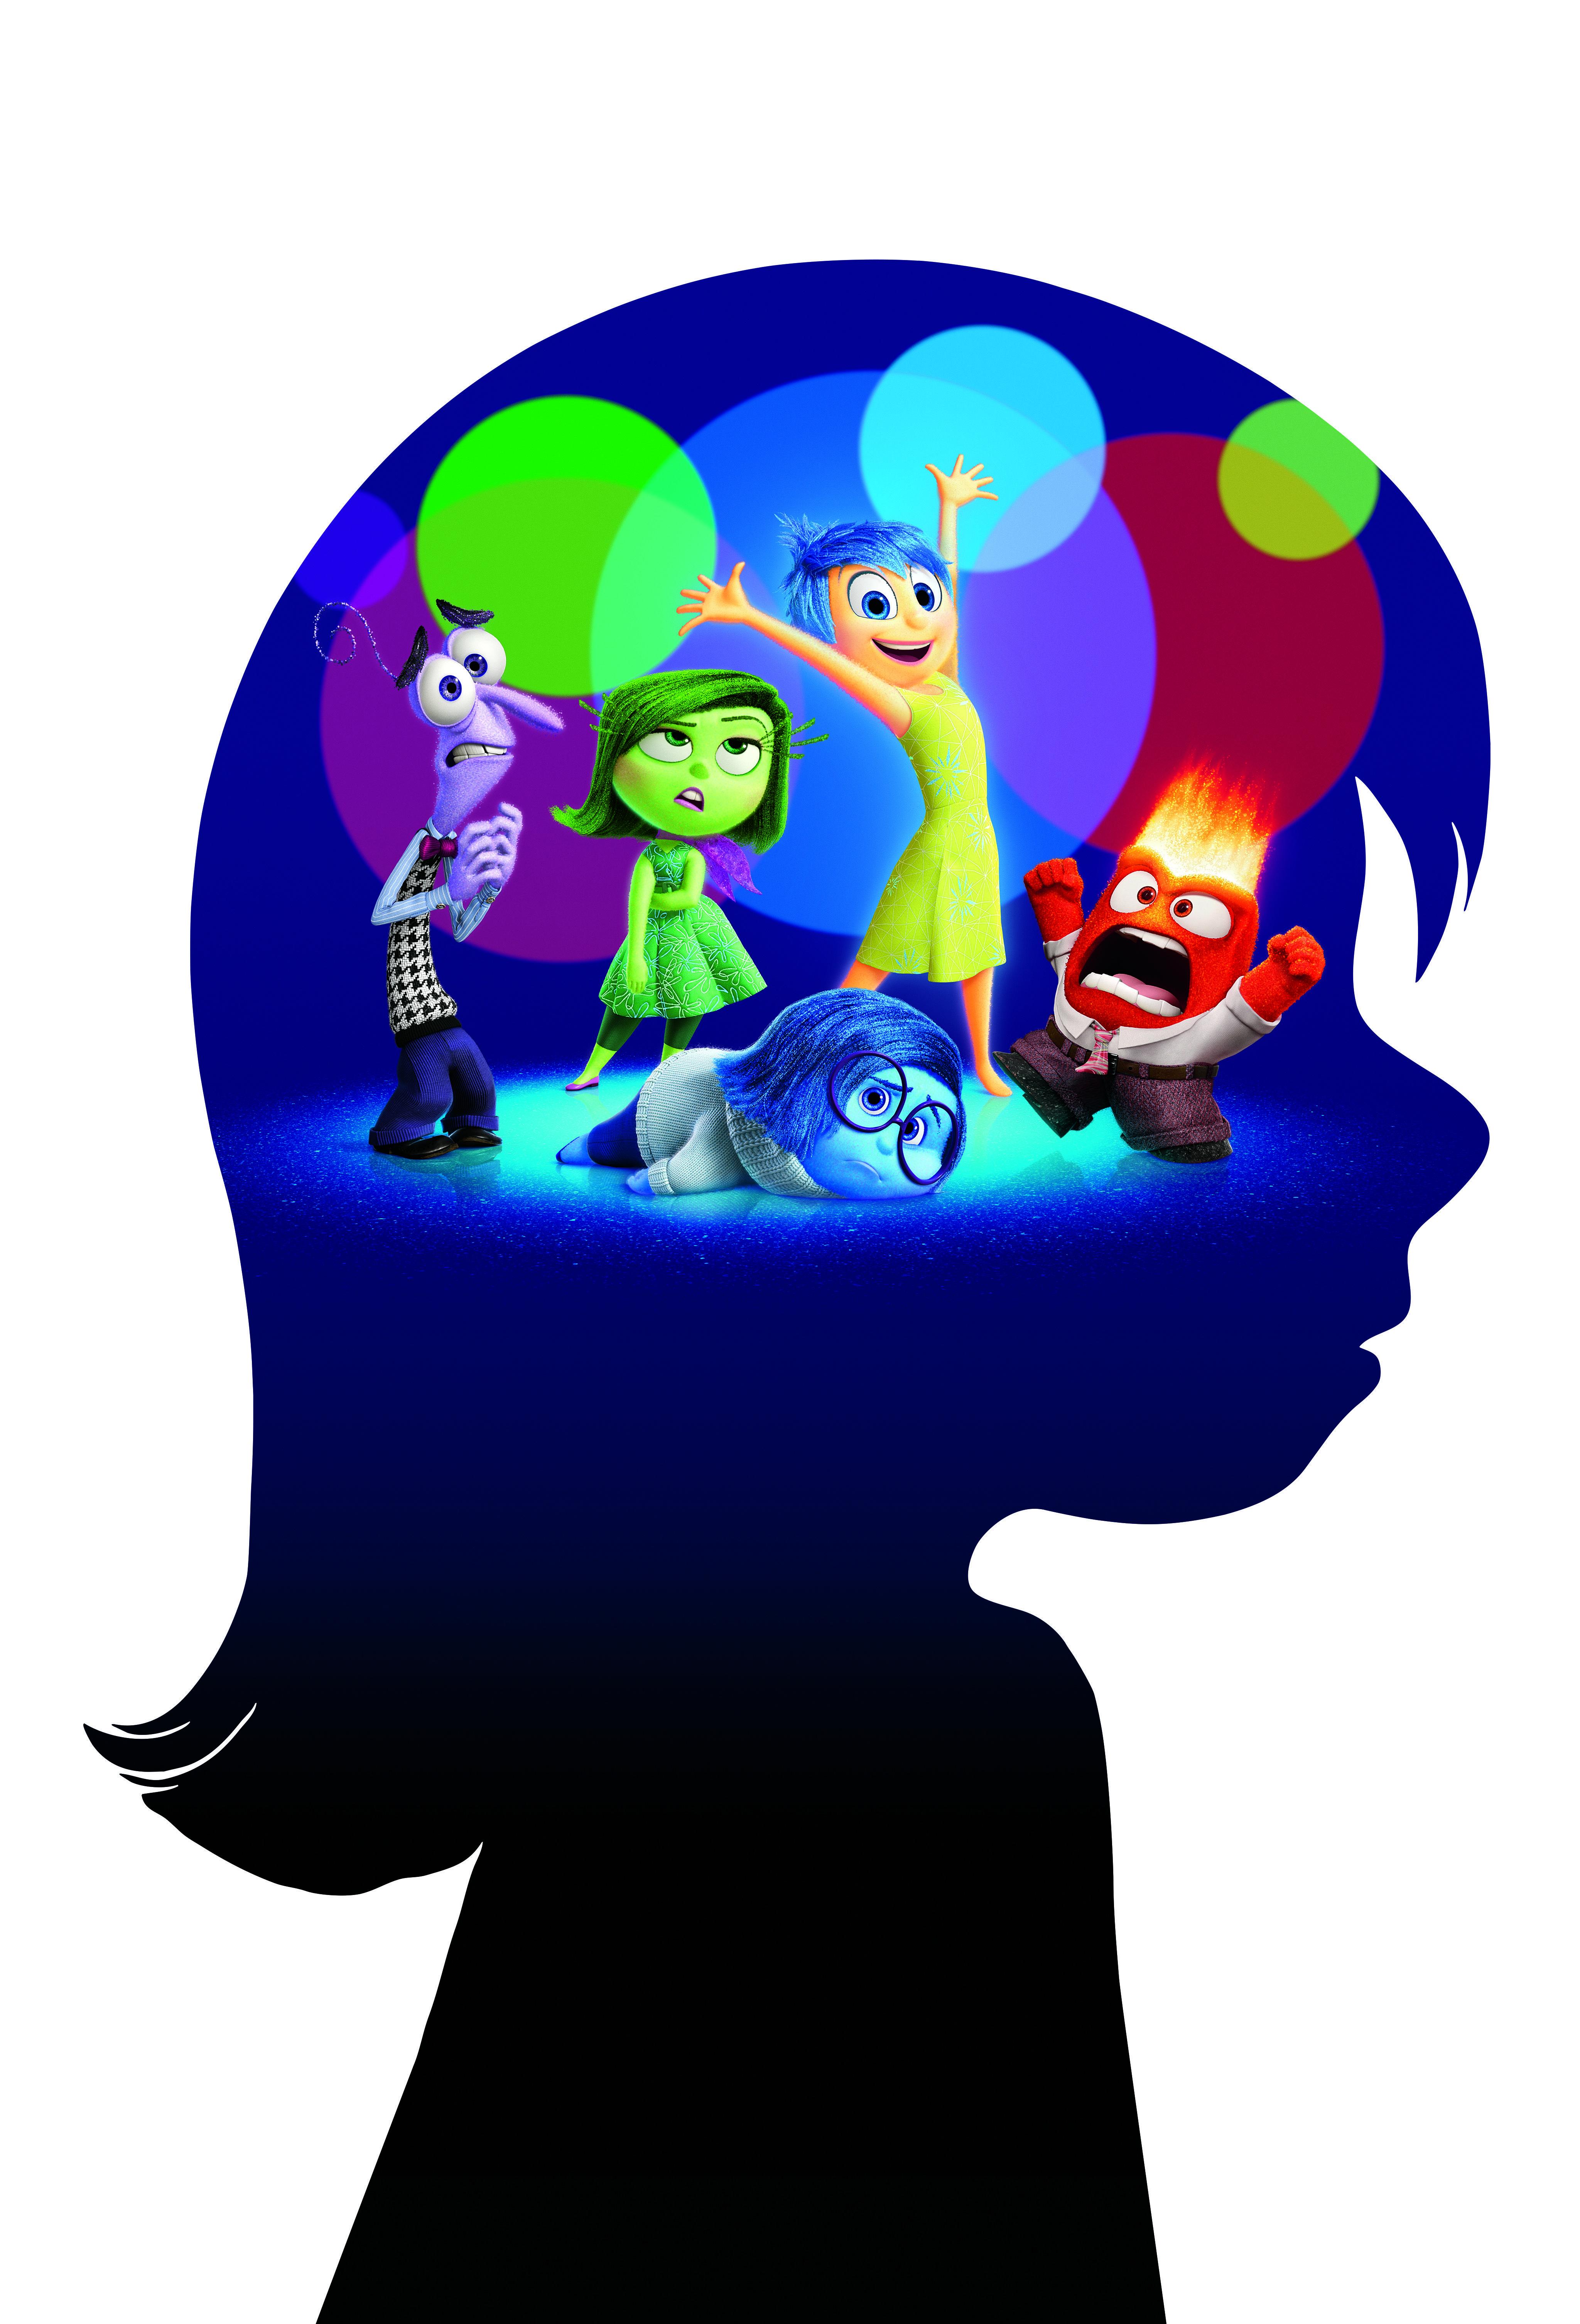 Joy disney Pixar